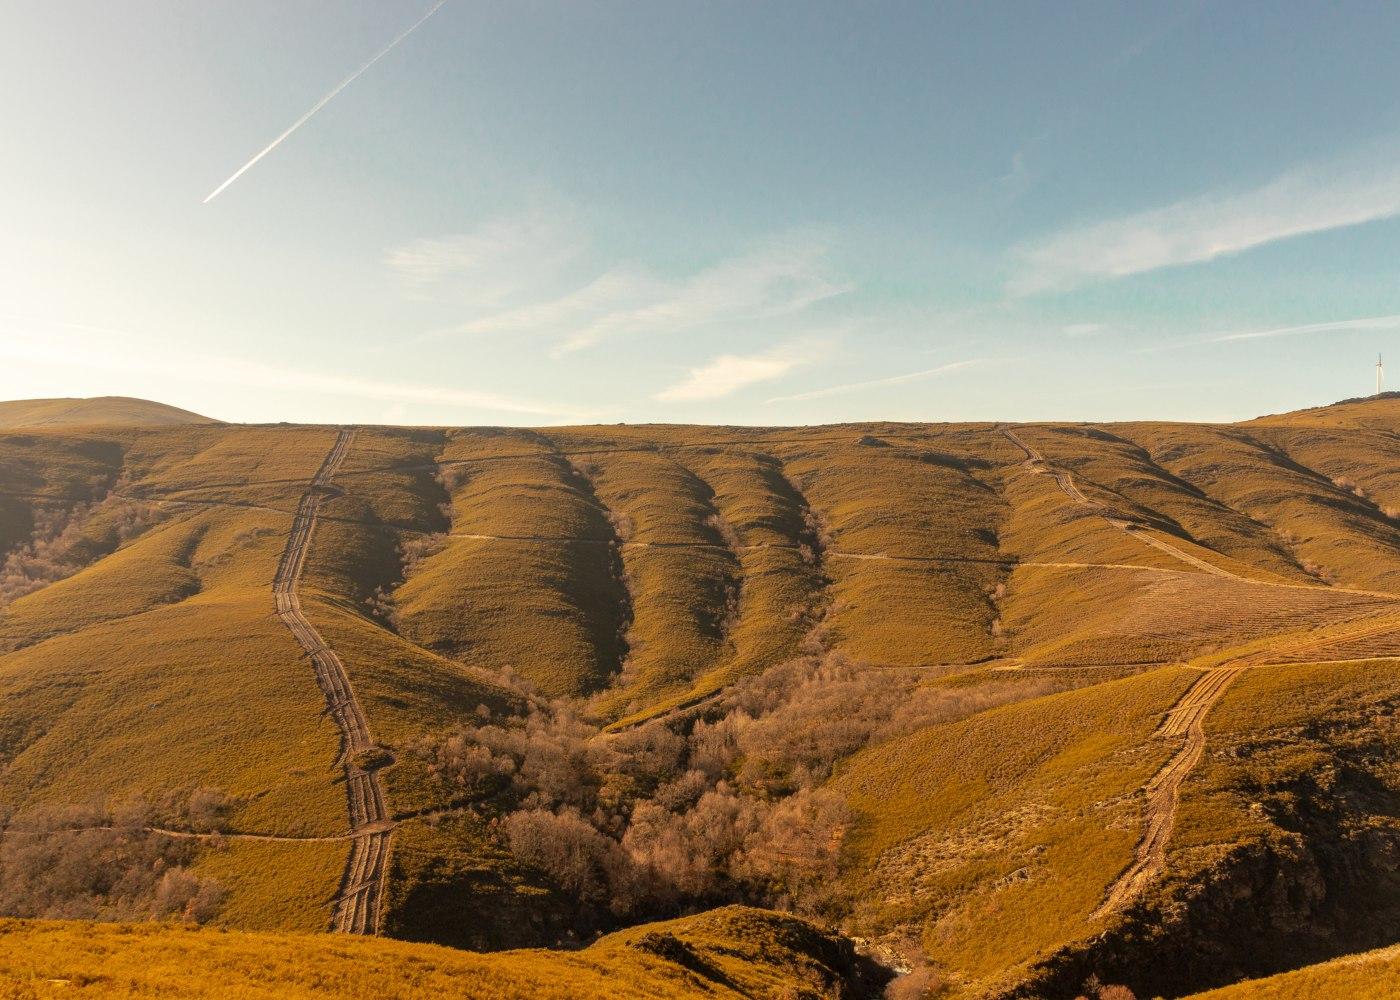 vista parque natural de montesinho